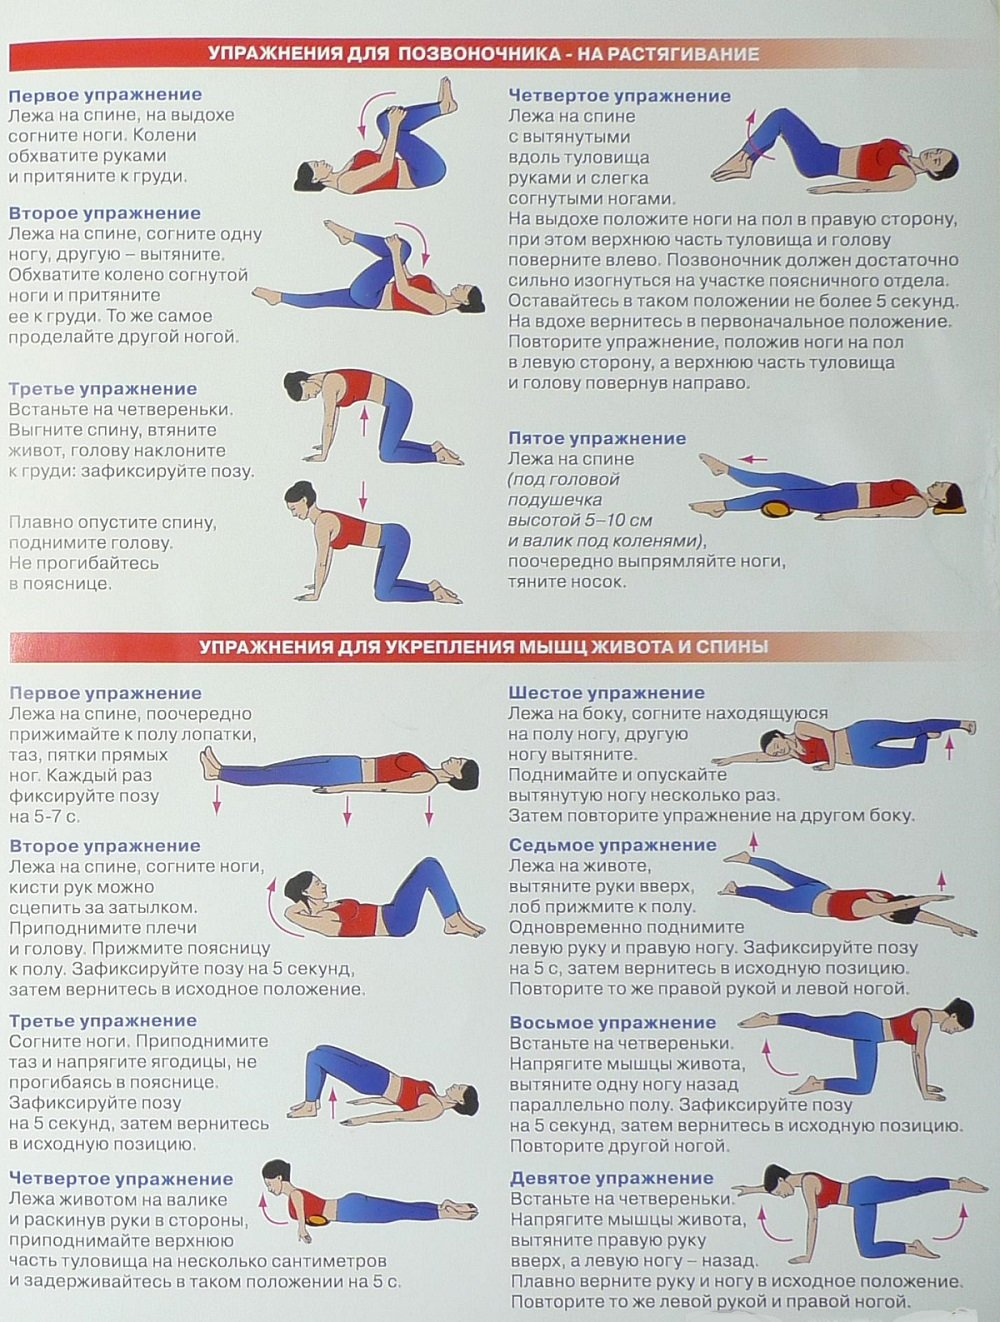 Упражнения для лечения поясничную грыжу в домашних условиях